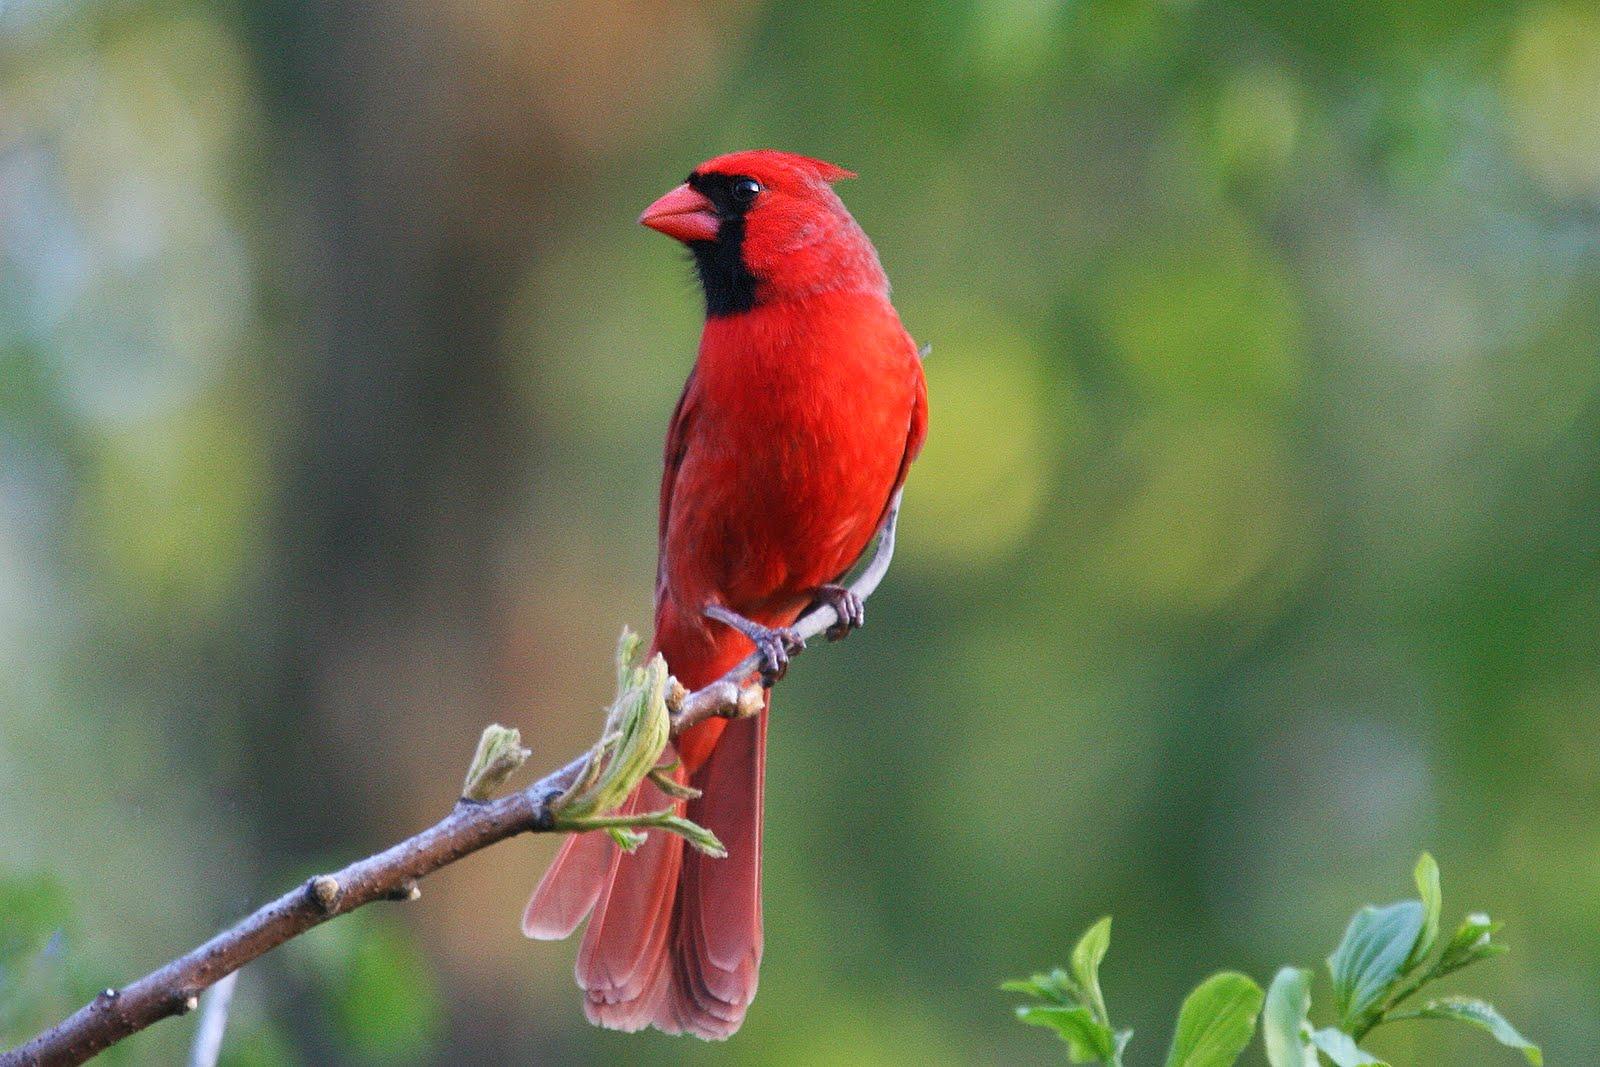 Hình nền con chim đẹp, sang chảnh